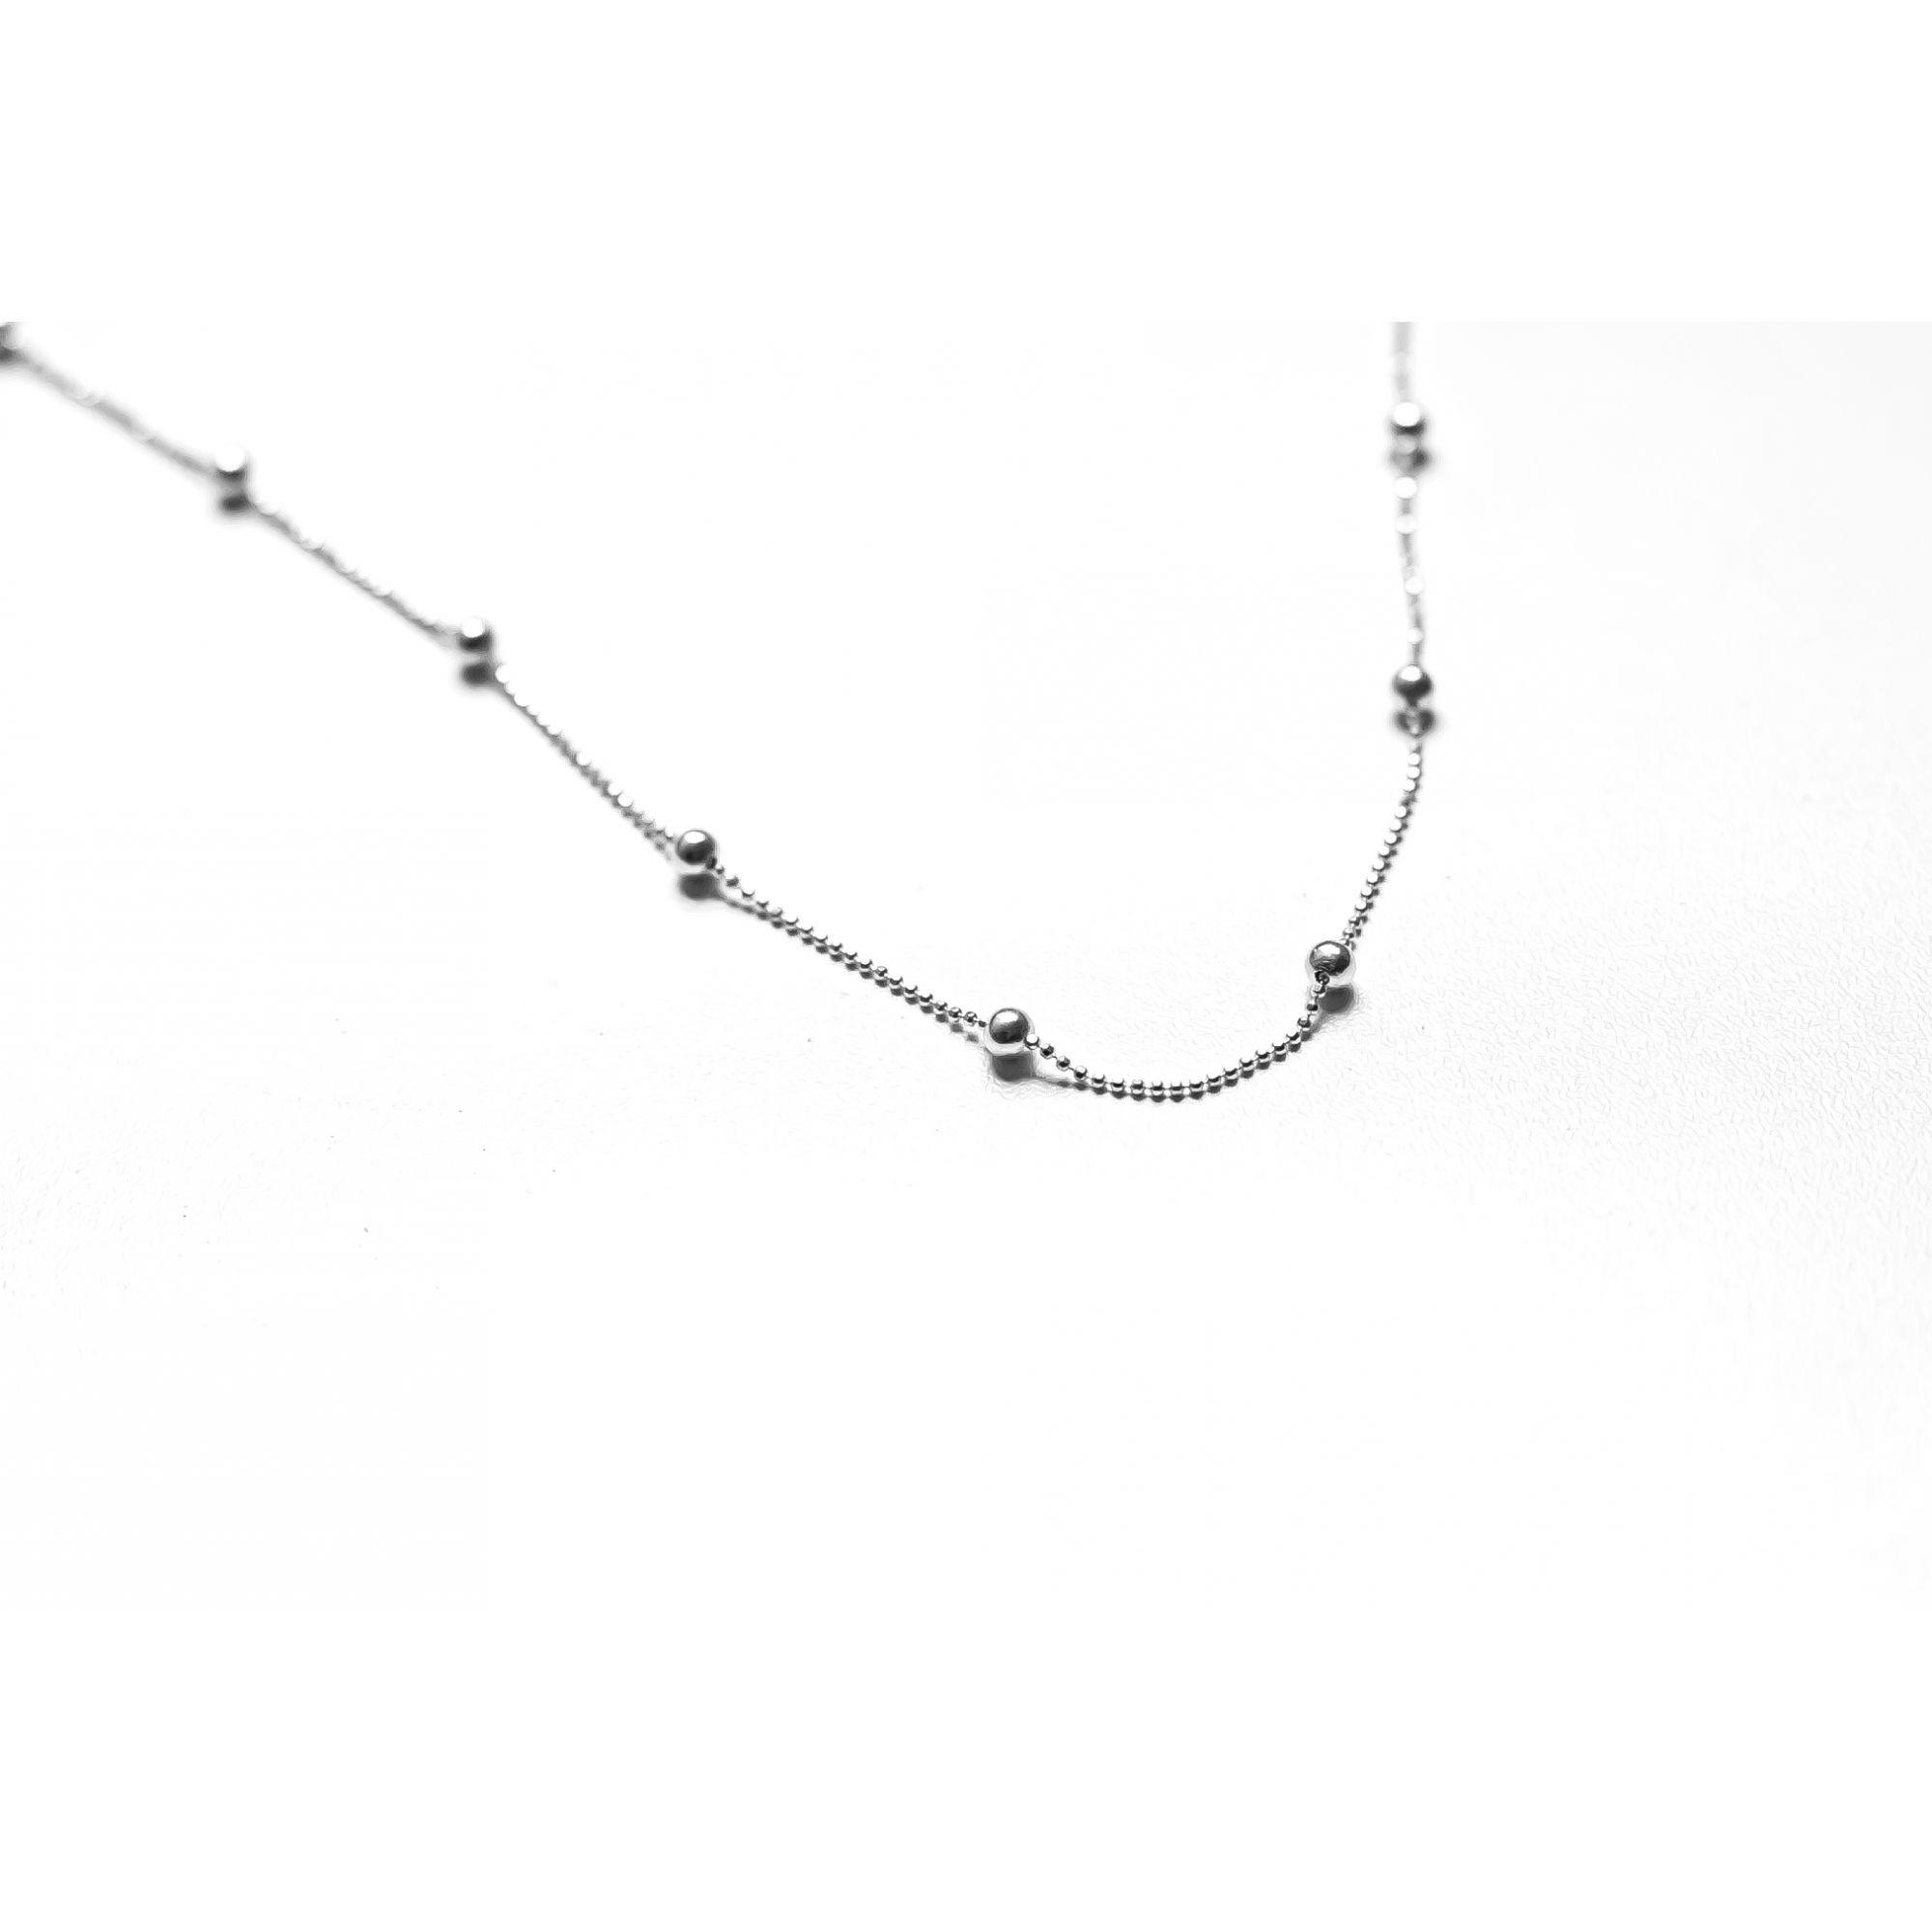 CORRENTE BOLINHA - 50 cm